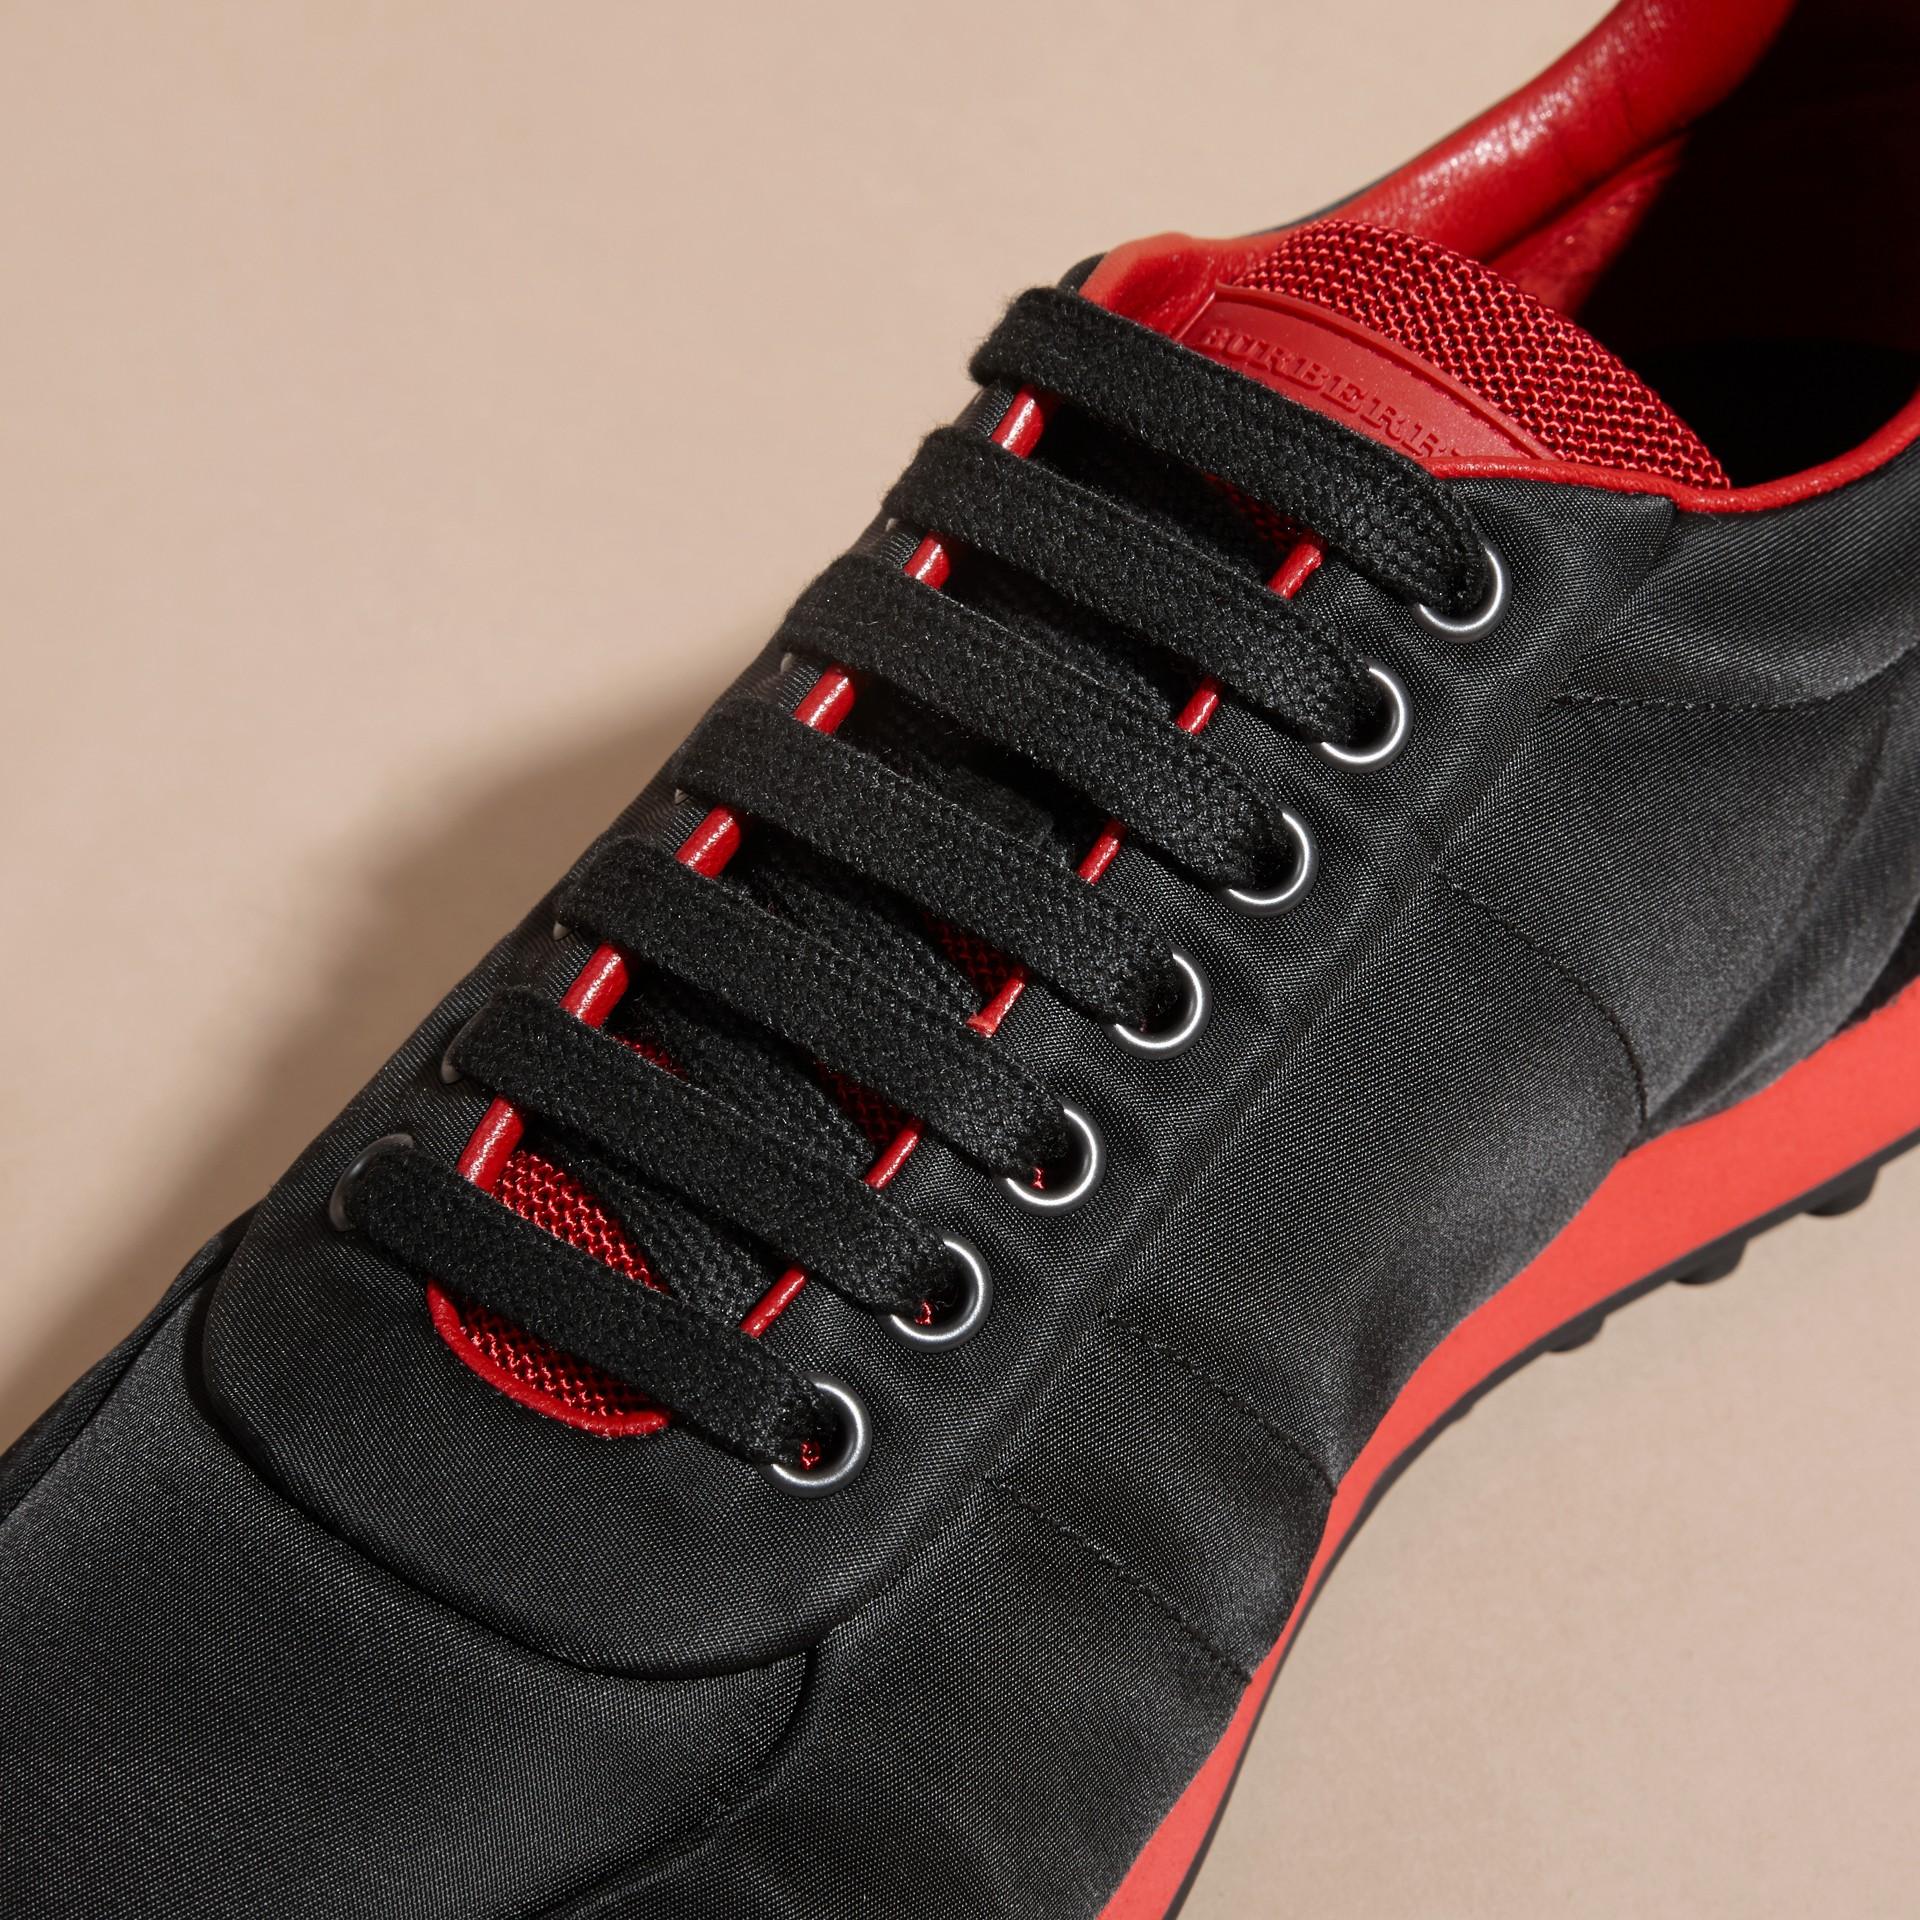 Nero/rosso militare Sneaker tecniche con finiture effetto texture Nero/rosso Militare - immagine della galleria 2